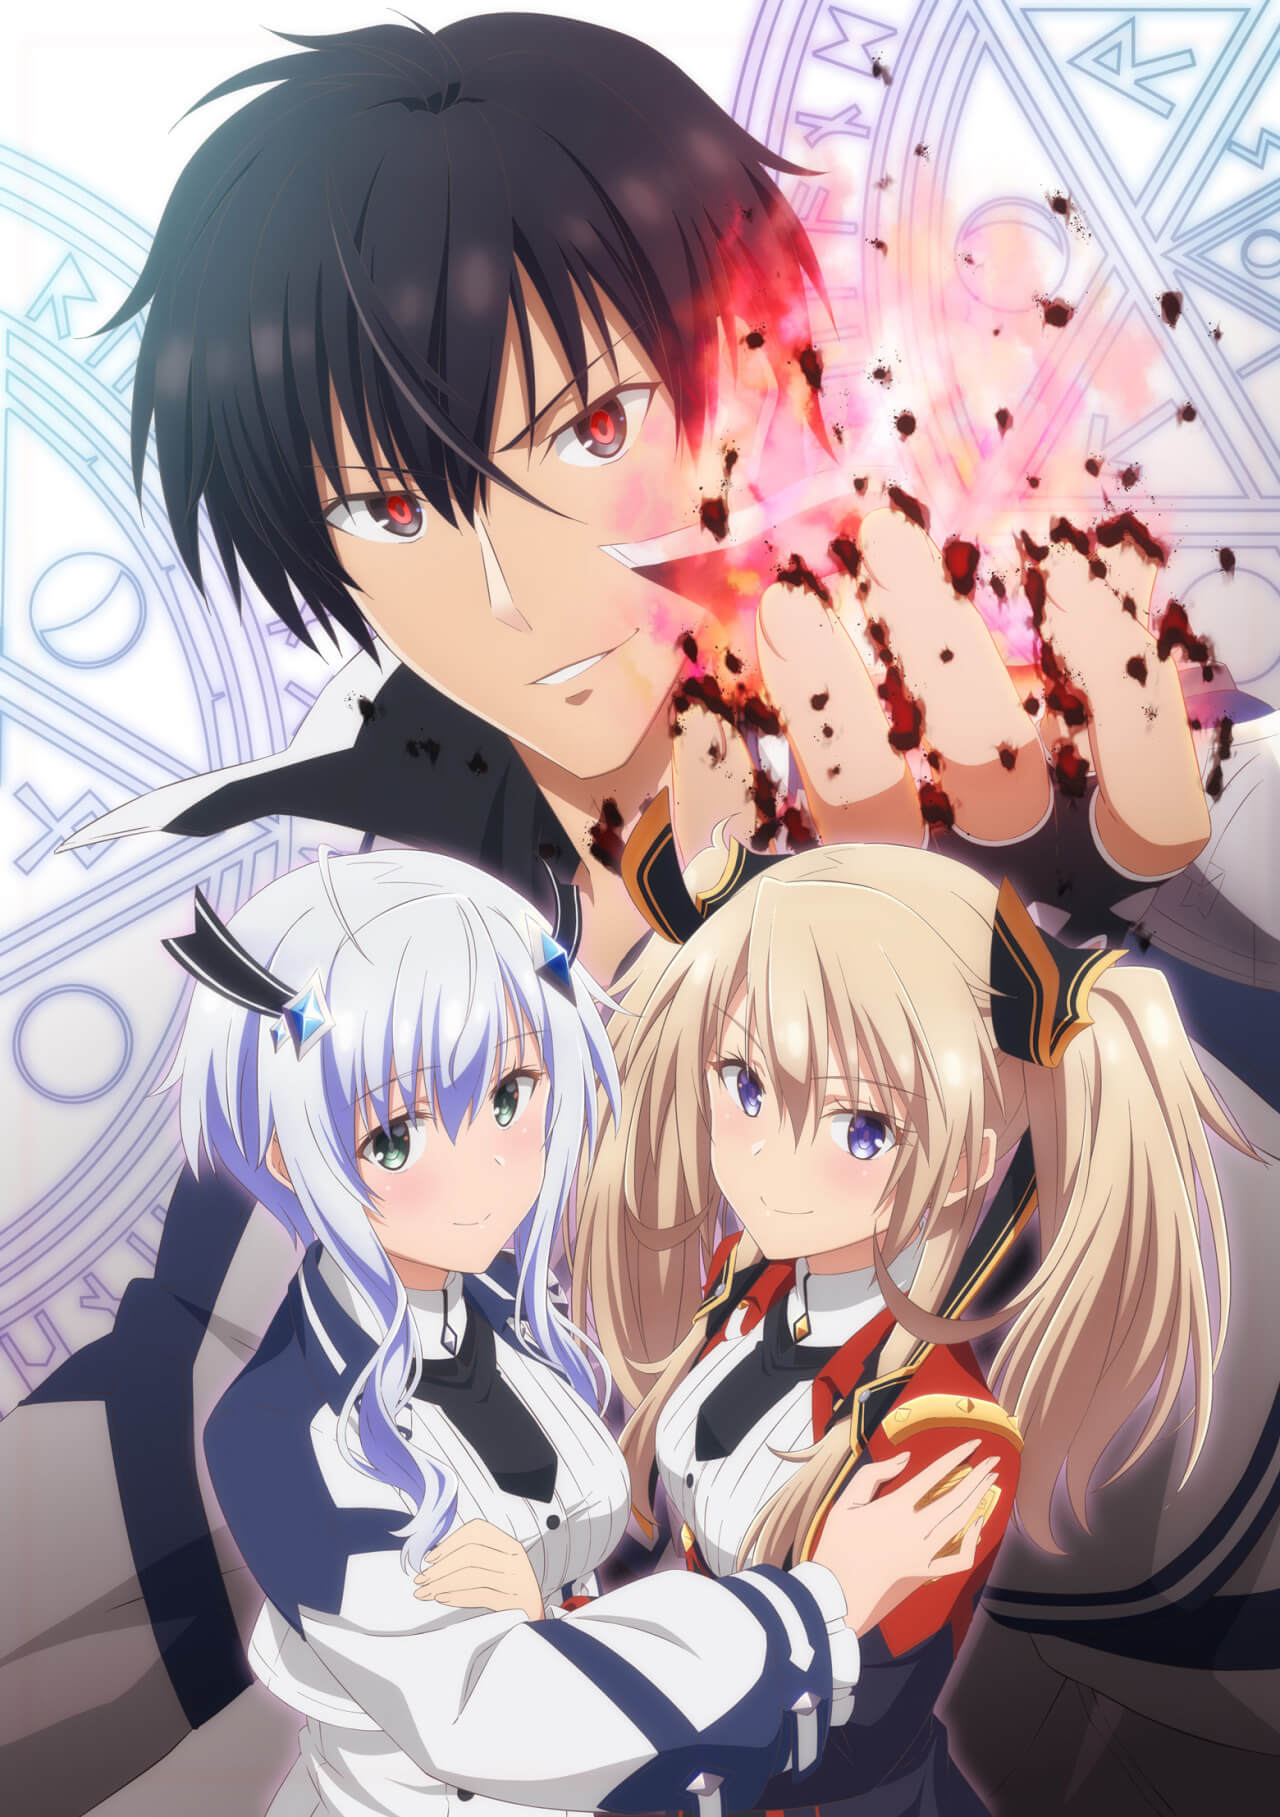 Guia de Animes de Julho/Verão de 2020